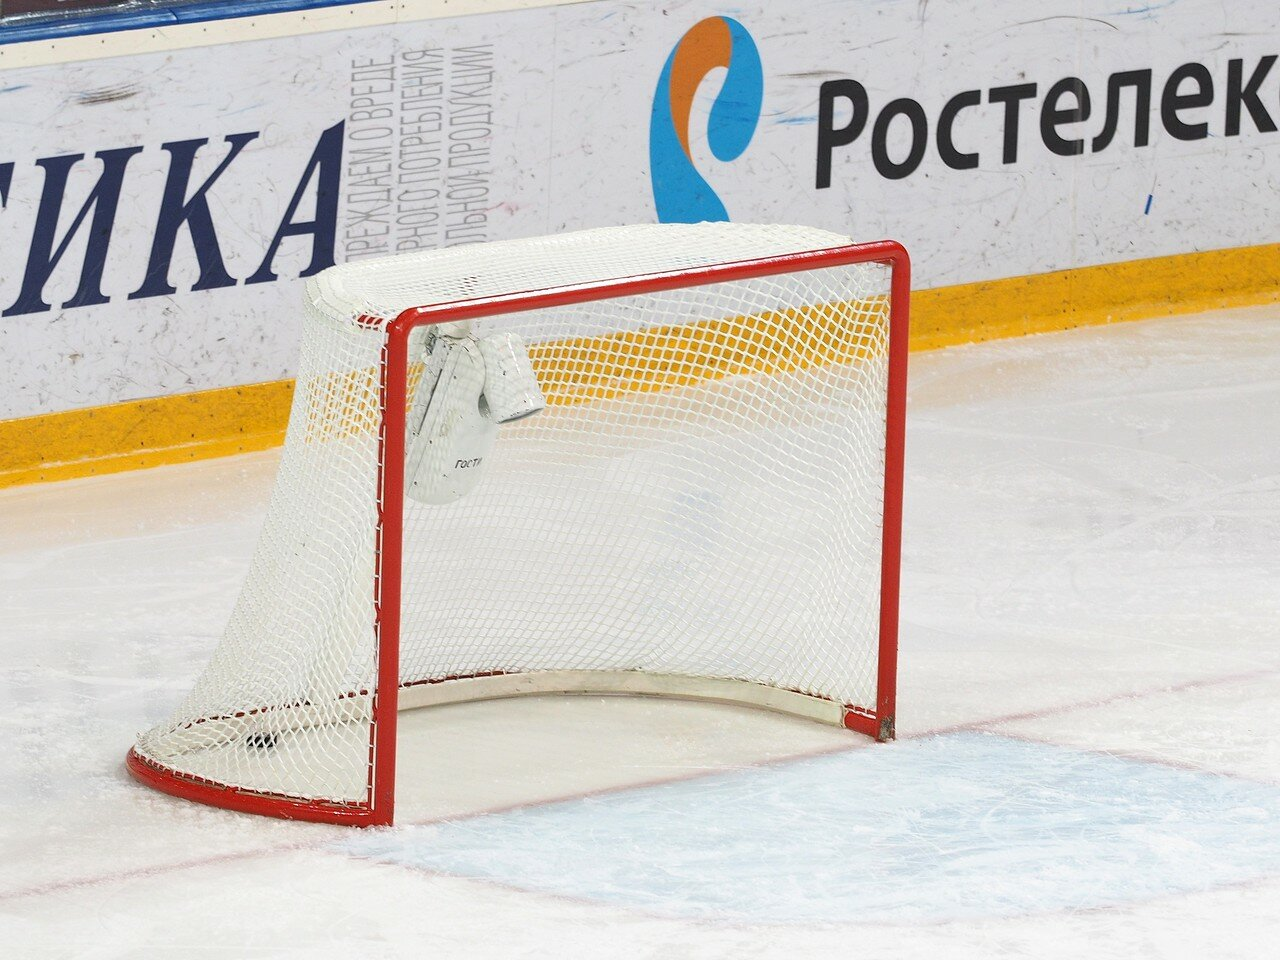 99Металлург - Динамо Москва 28.12.2015